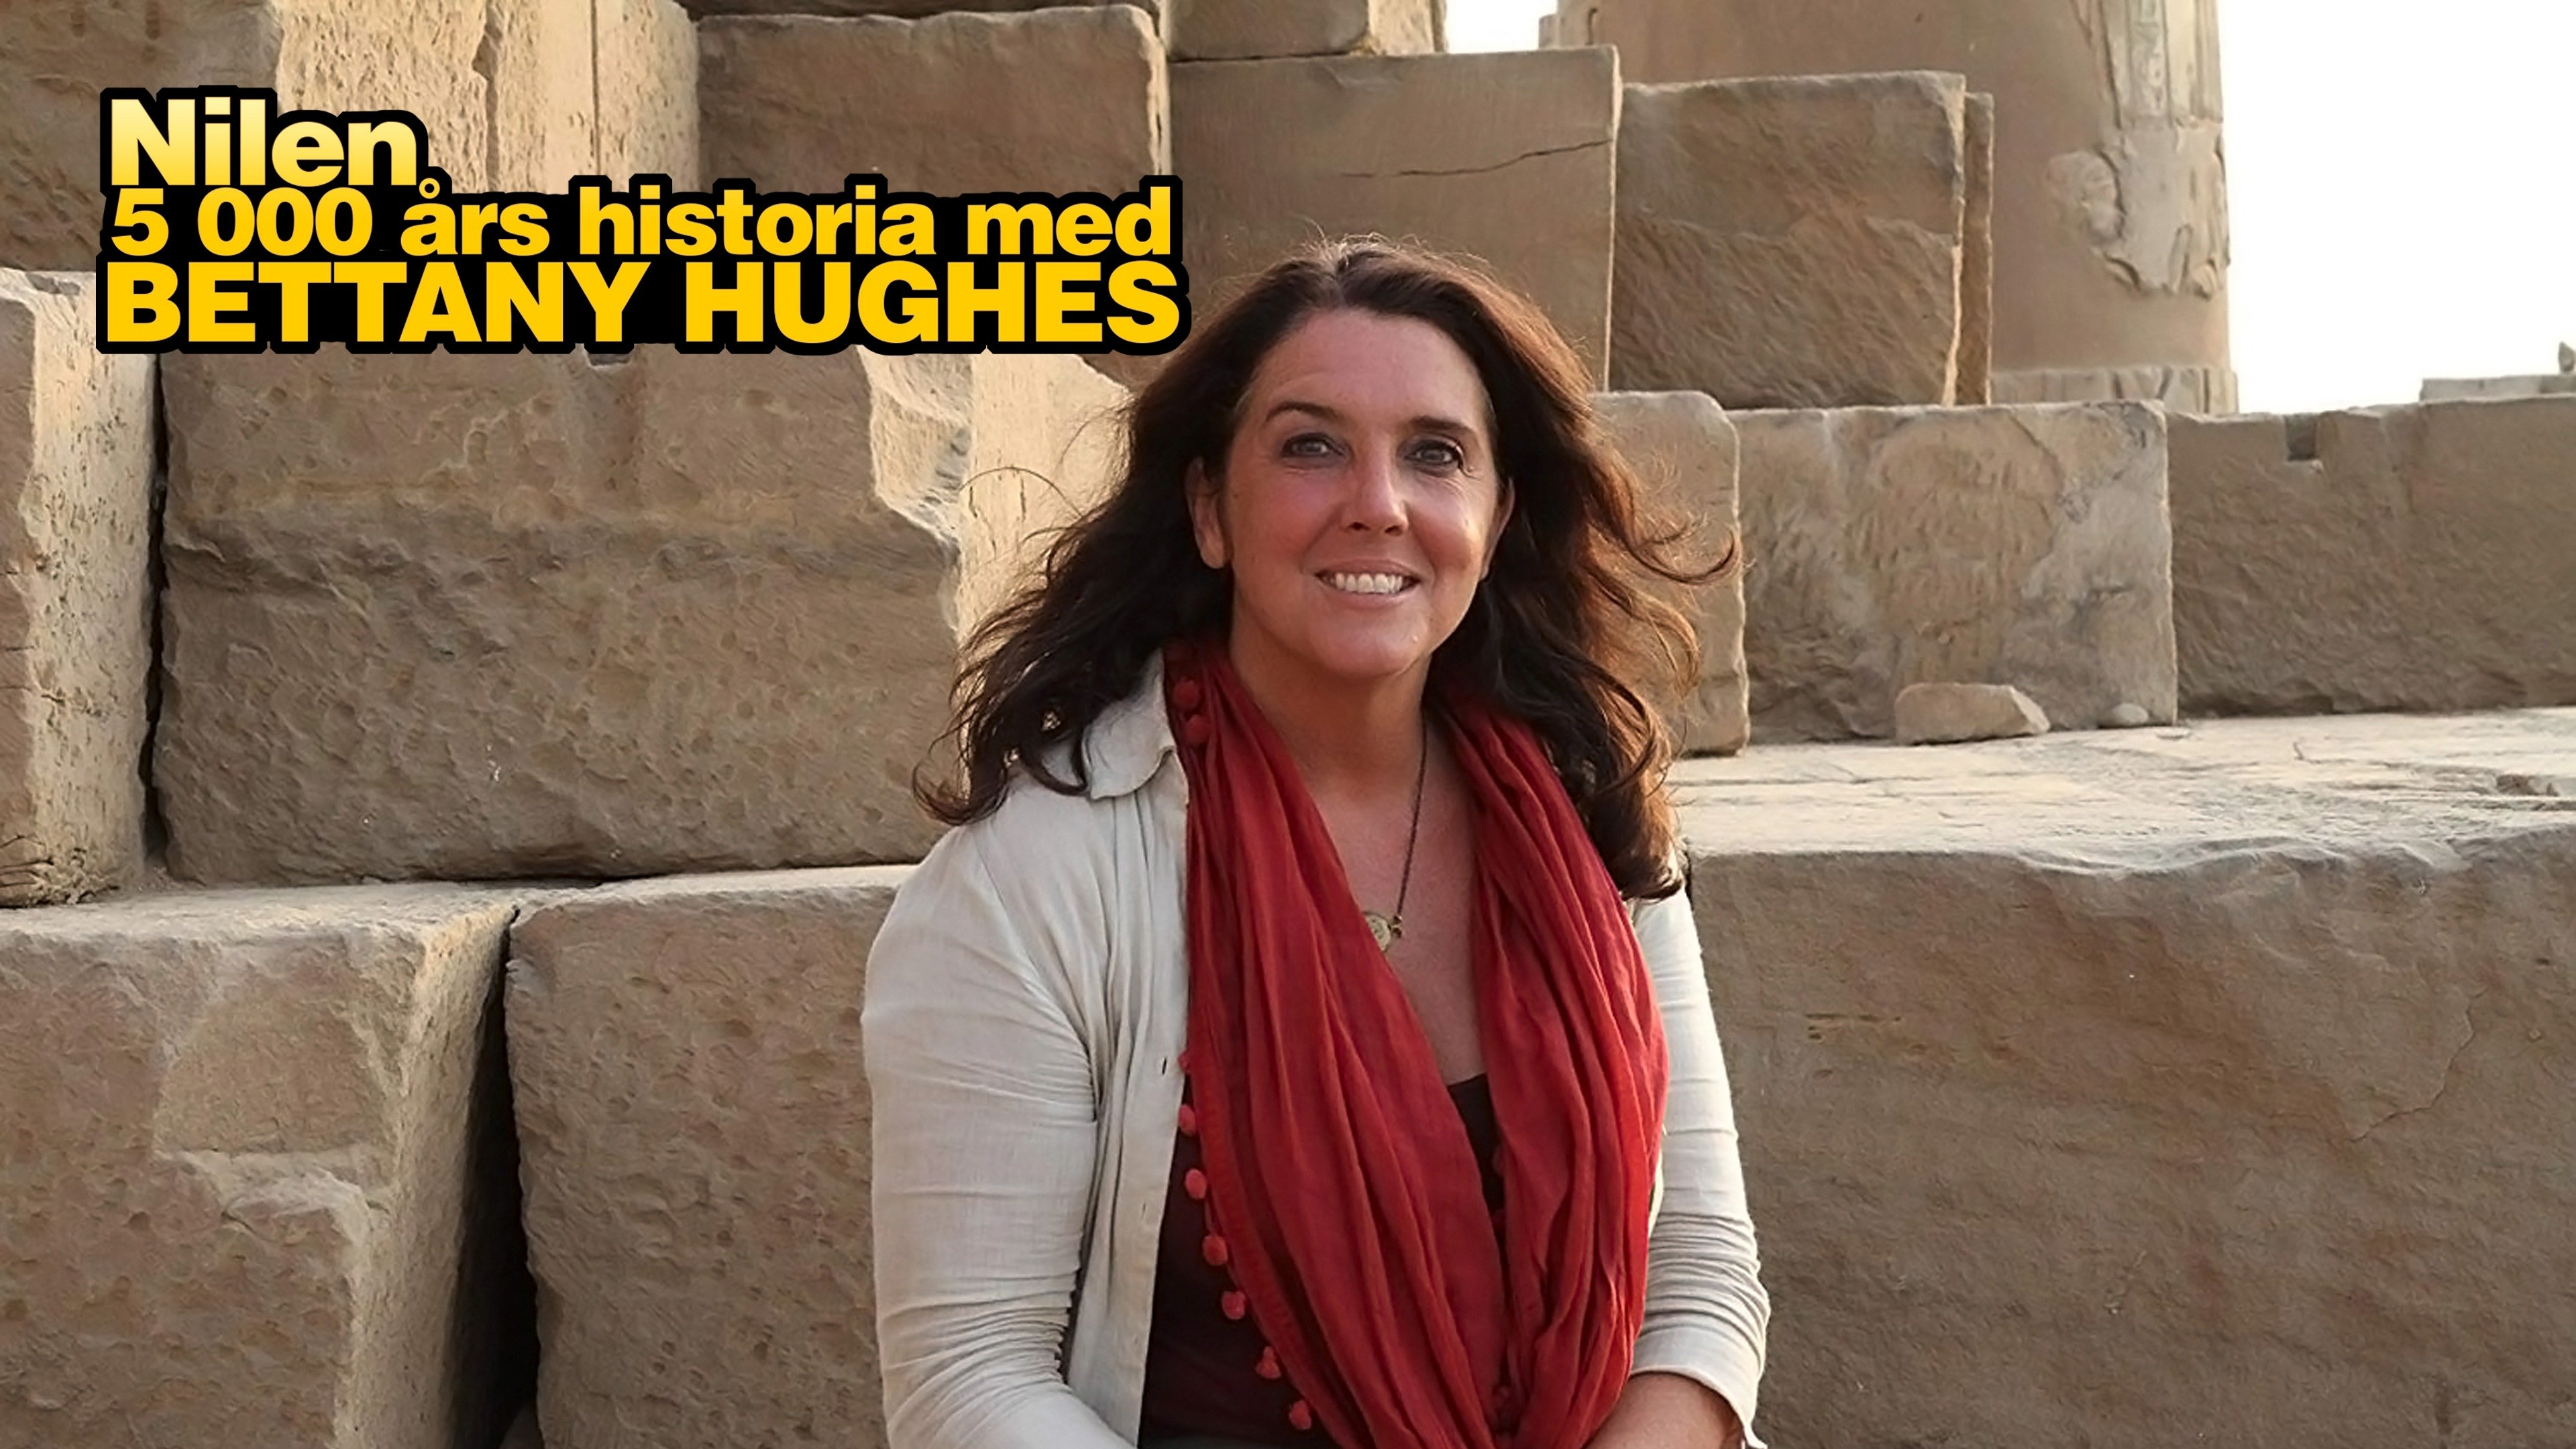 Nilen: 5 000 års historia med Bettany Hughes